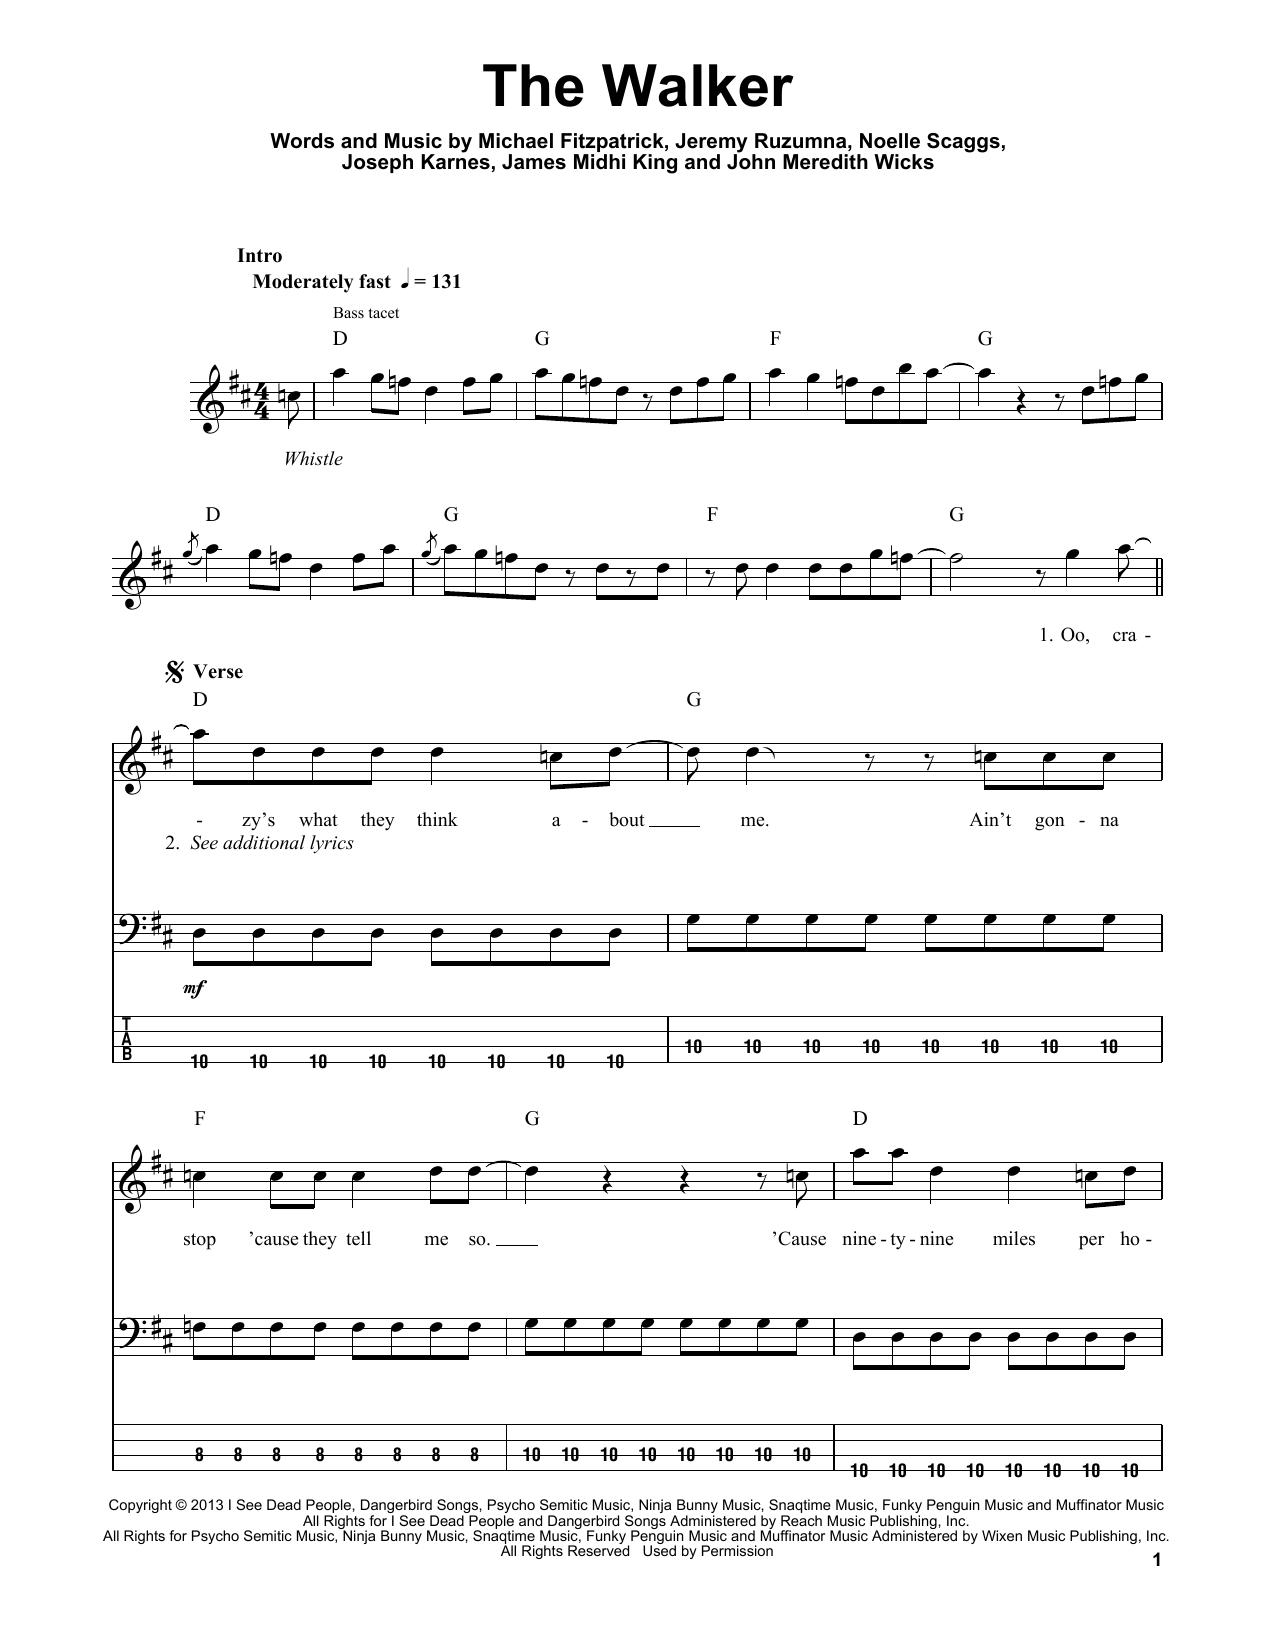 The Walker (Guitar Tab (Single Guitar))